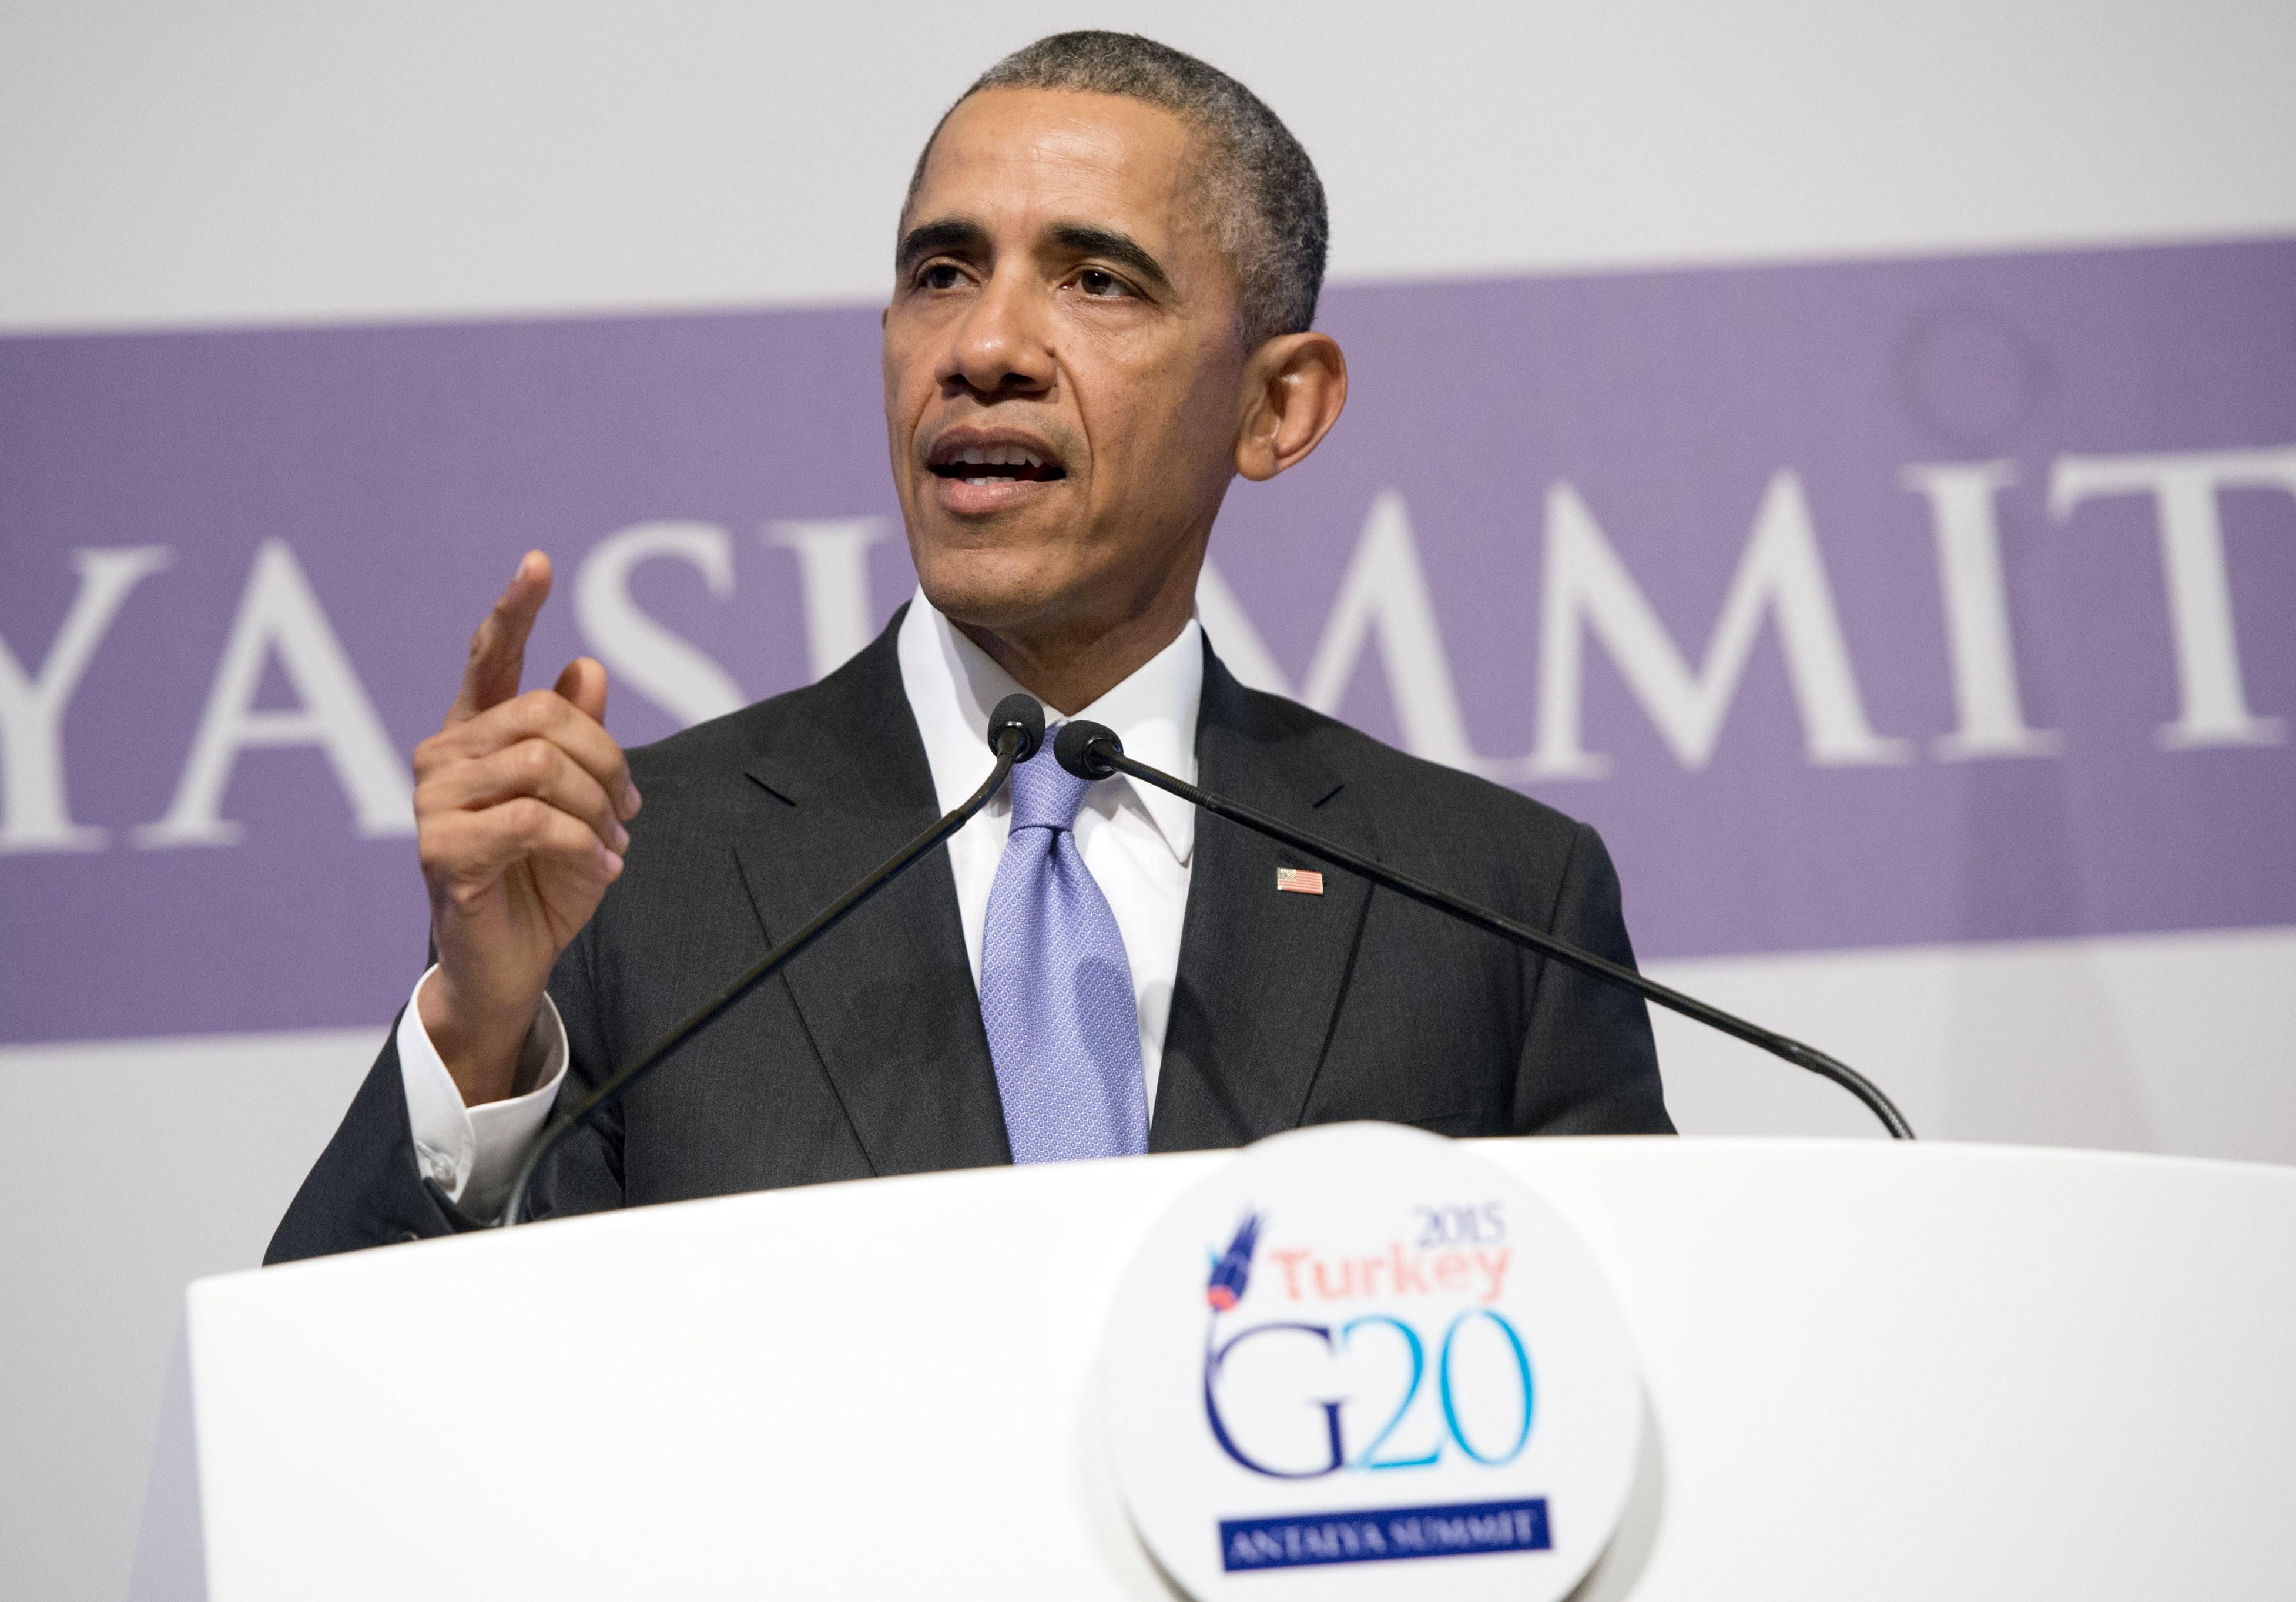 TURKEY-G20-SUMMIT